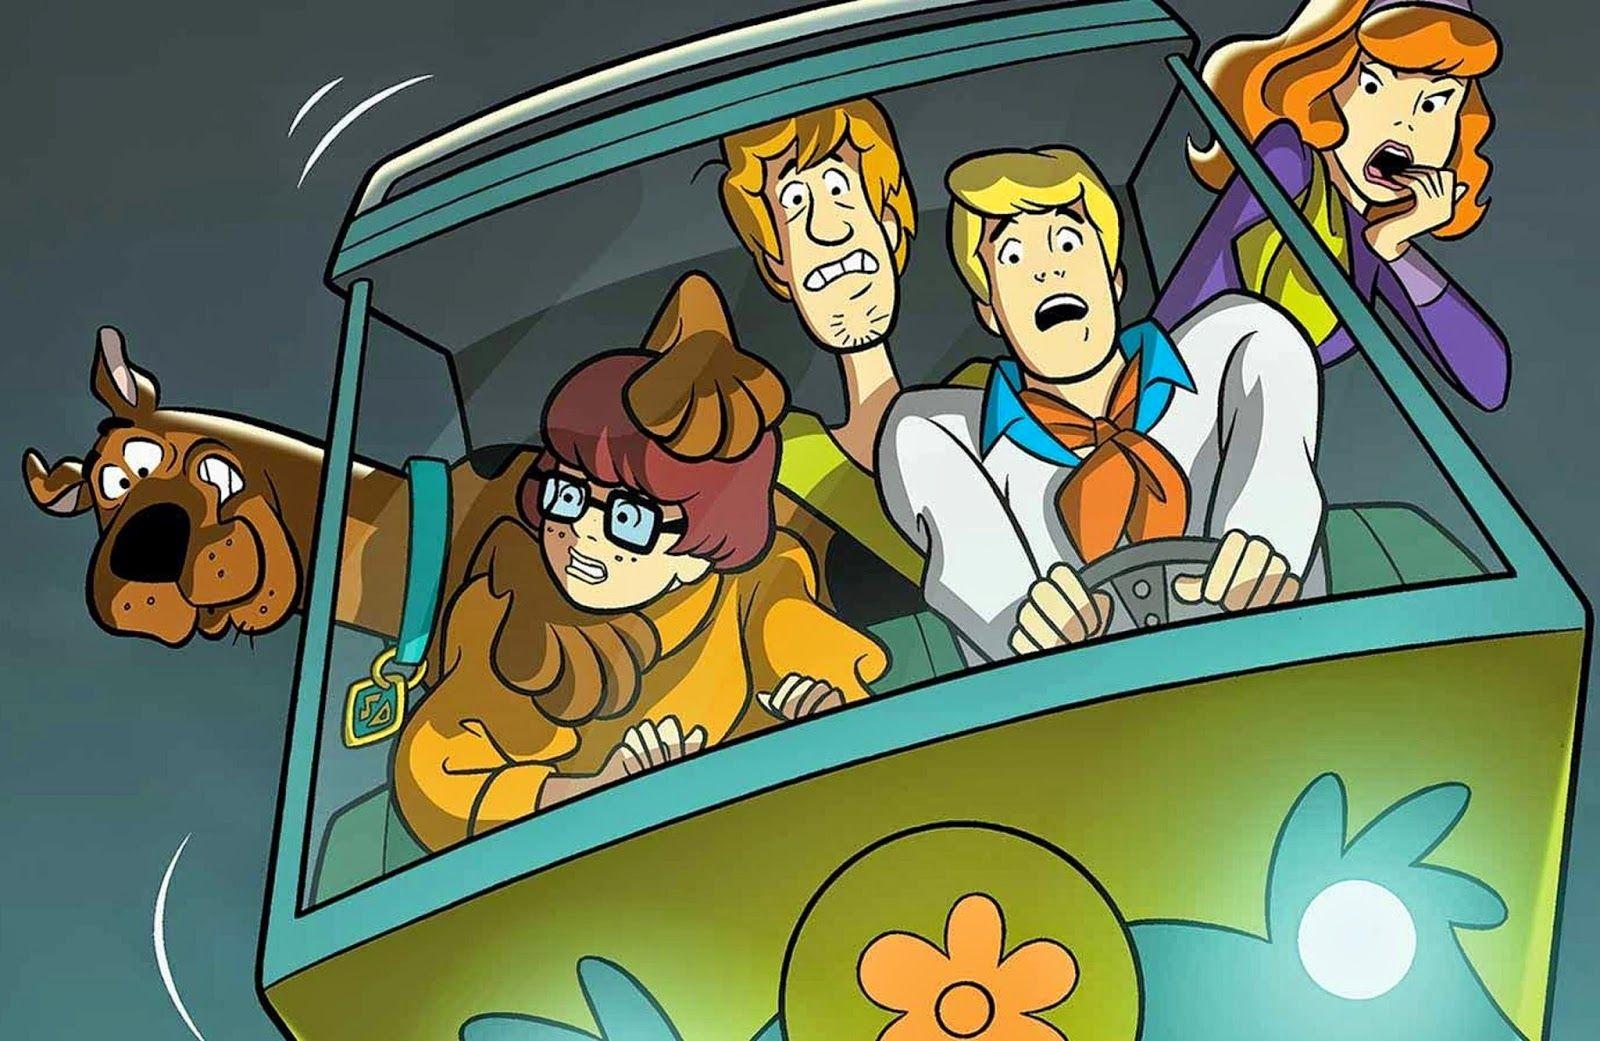 scooby doo wallpaper Pesquisa Google Scooby doo images